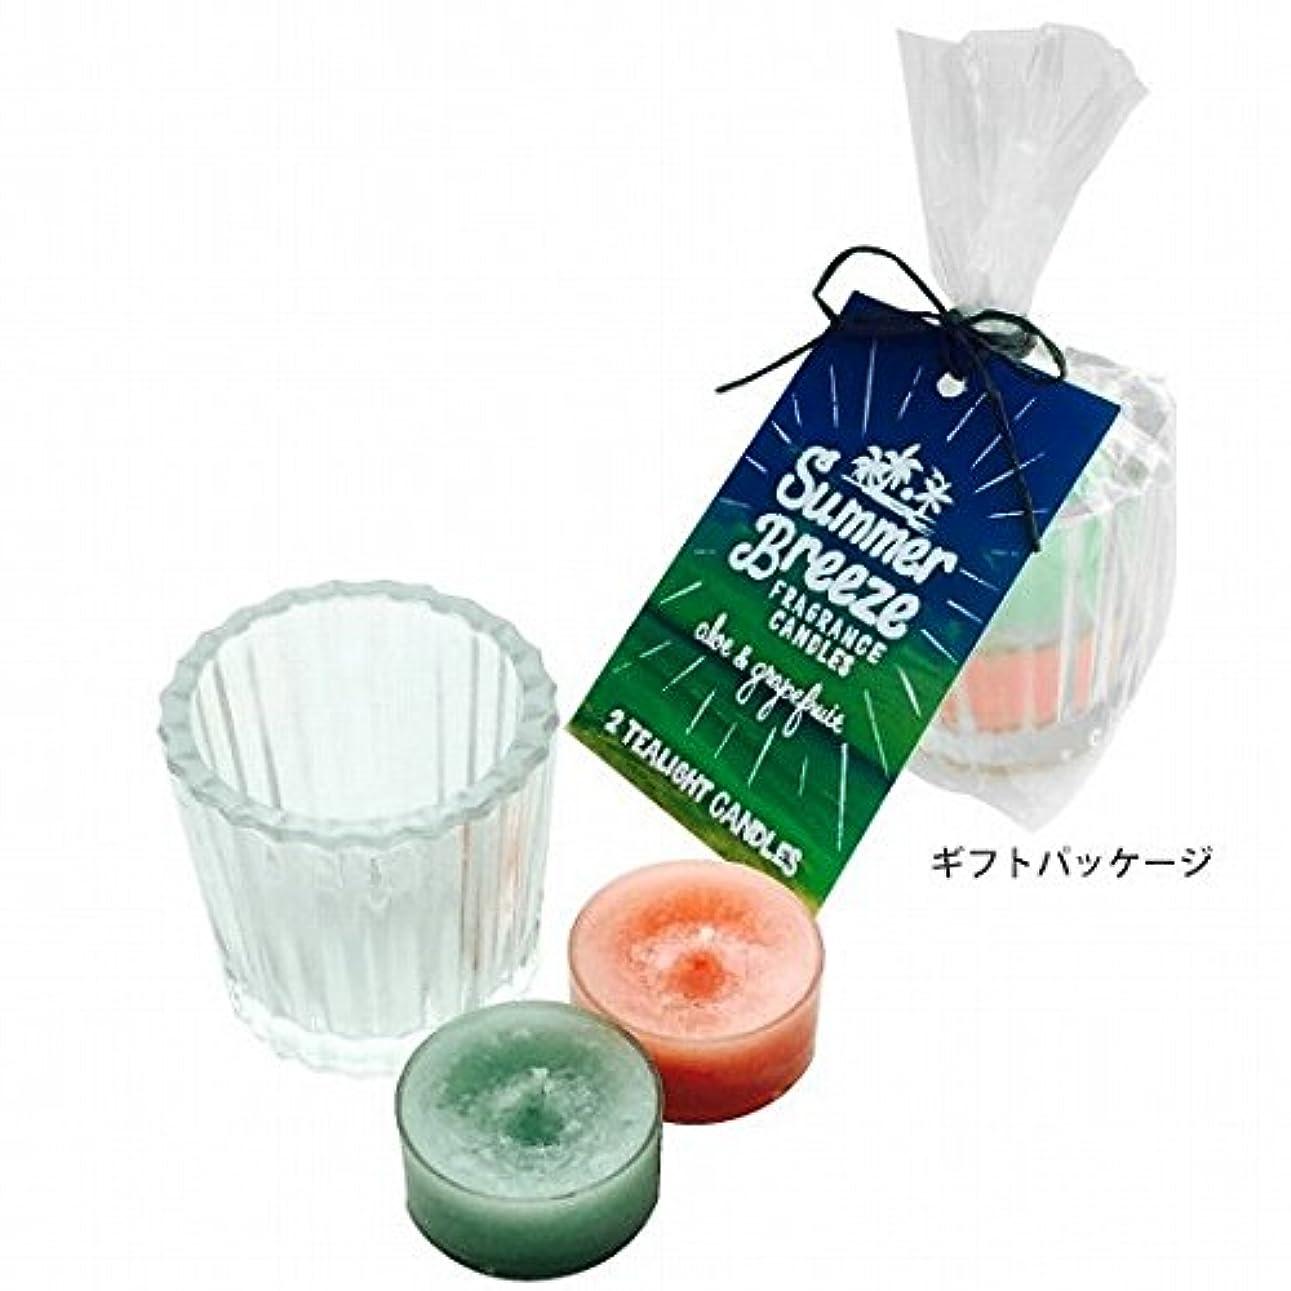 宗教パン屋孤独カメヤマキャンドル(kameyama candle) サマーブリーズティーライトキャンドルセット